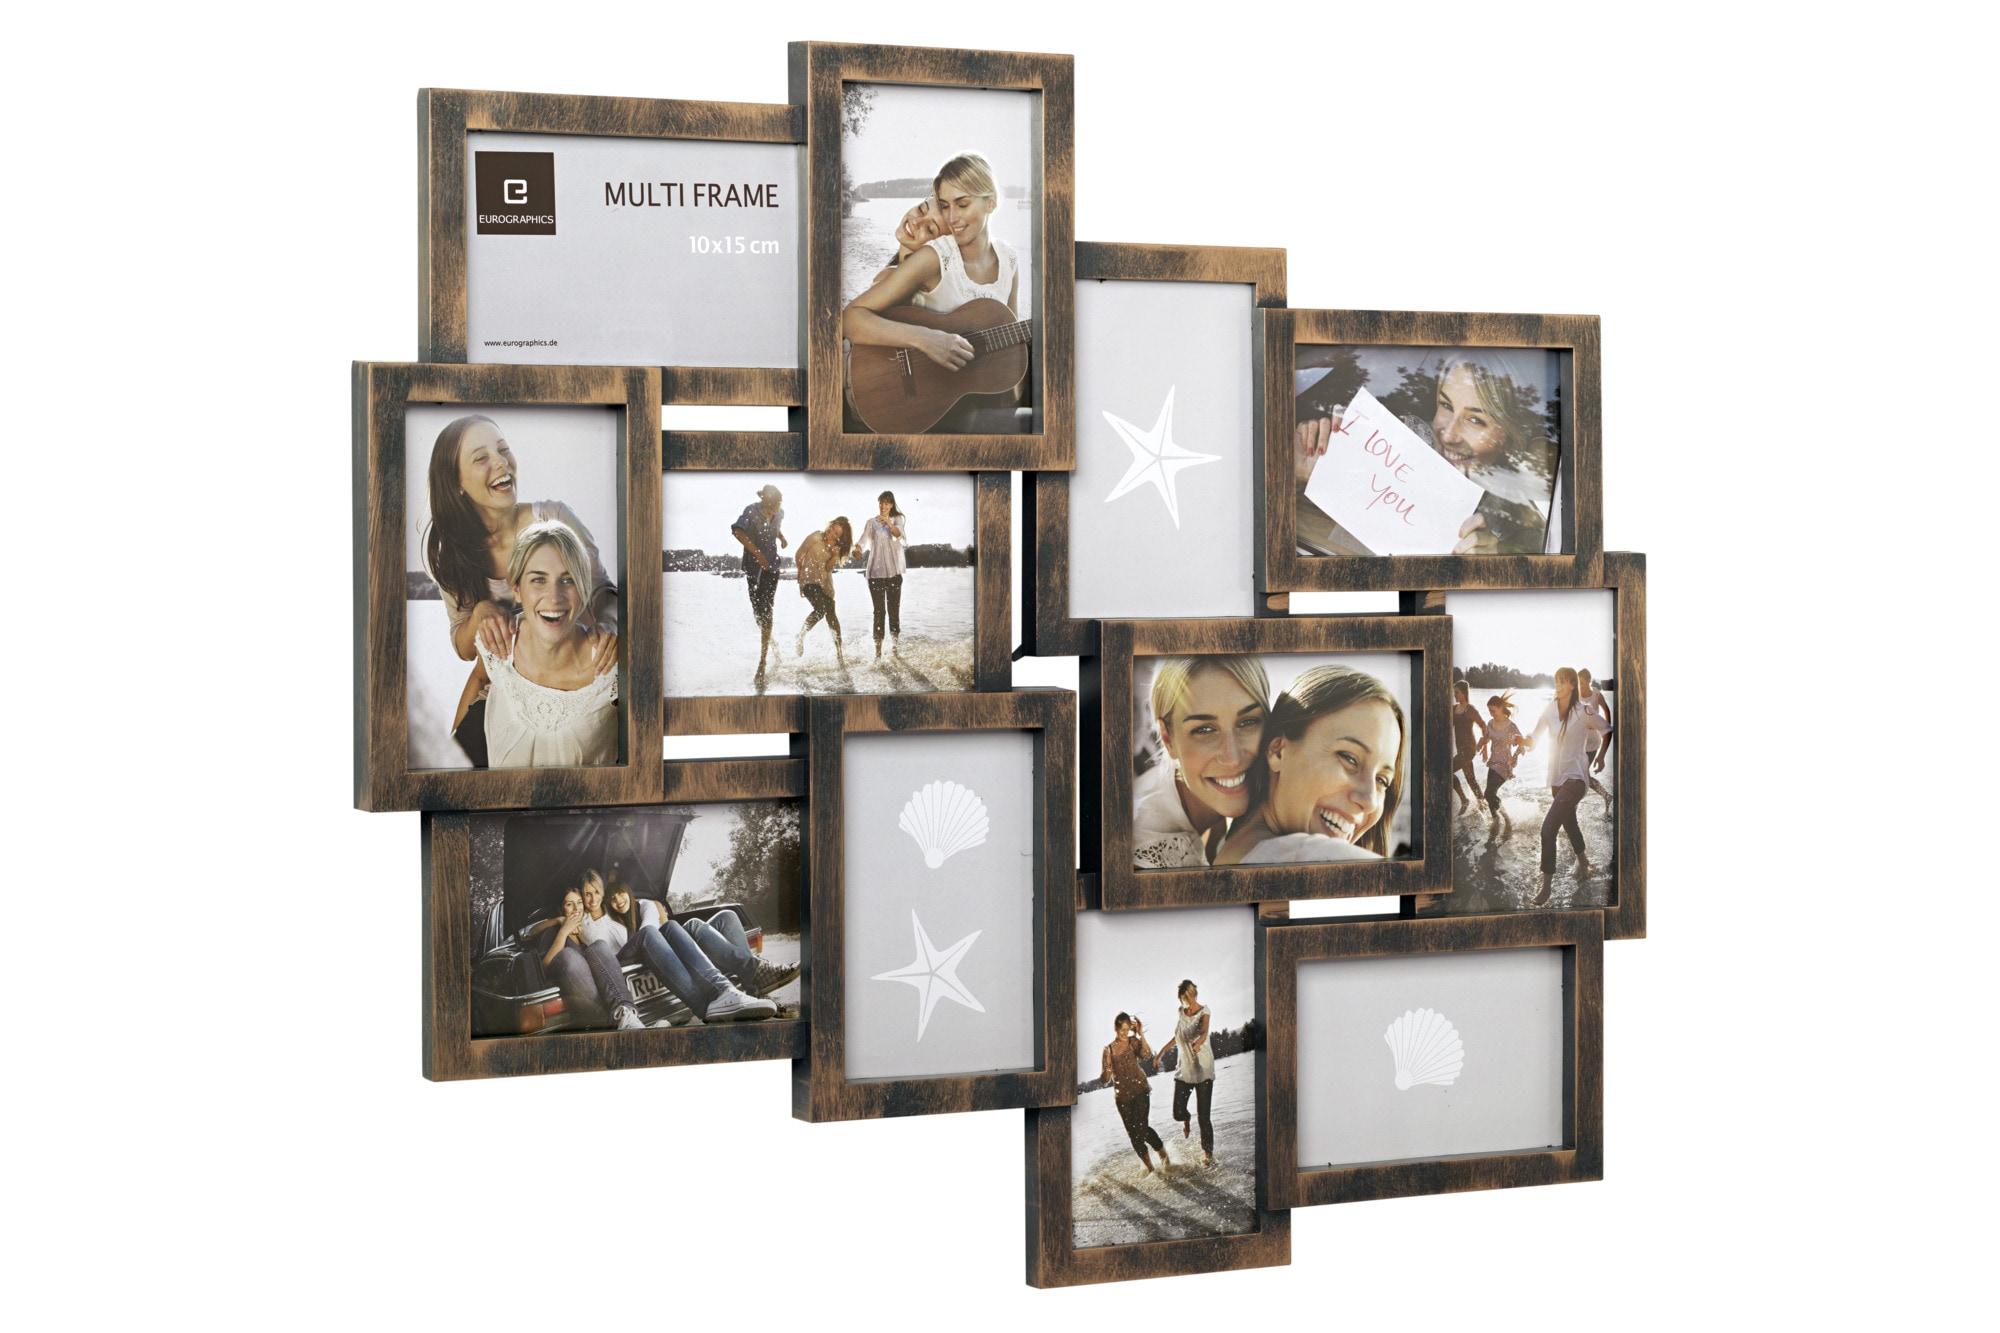 fotogalerie preisvergleich die besten angebote online kaufen. Black Bedroom Furniture Sets. Home Design Ideas